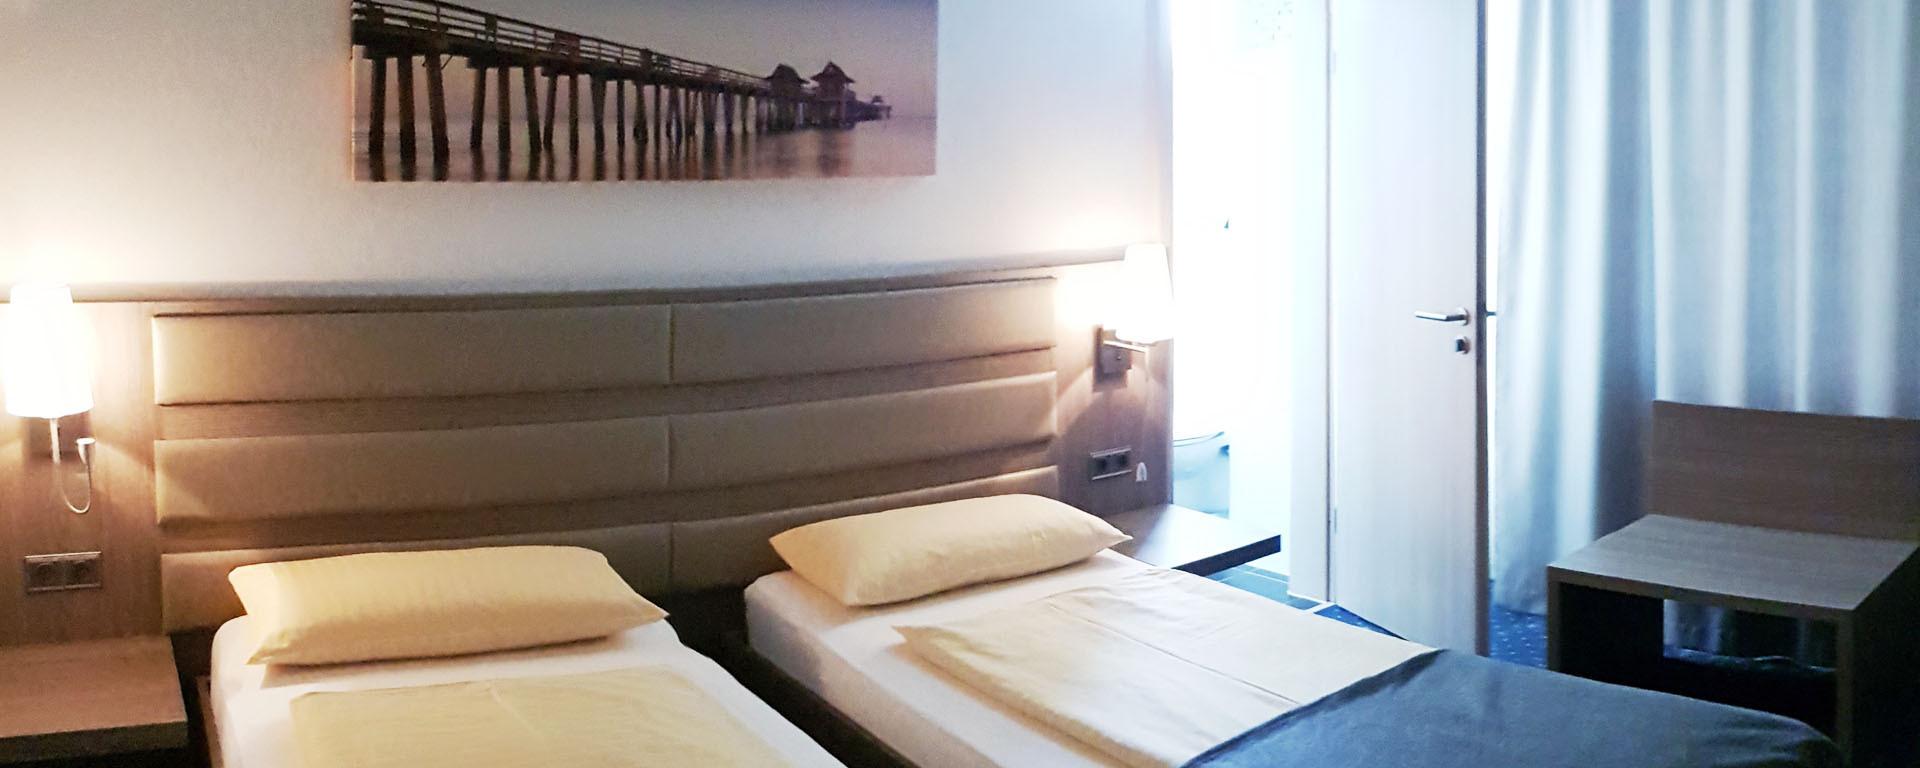 Suchen Sie ein günstiges und gutes Hotel: Voilá - hier sind sie richtig!